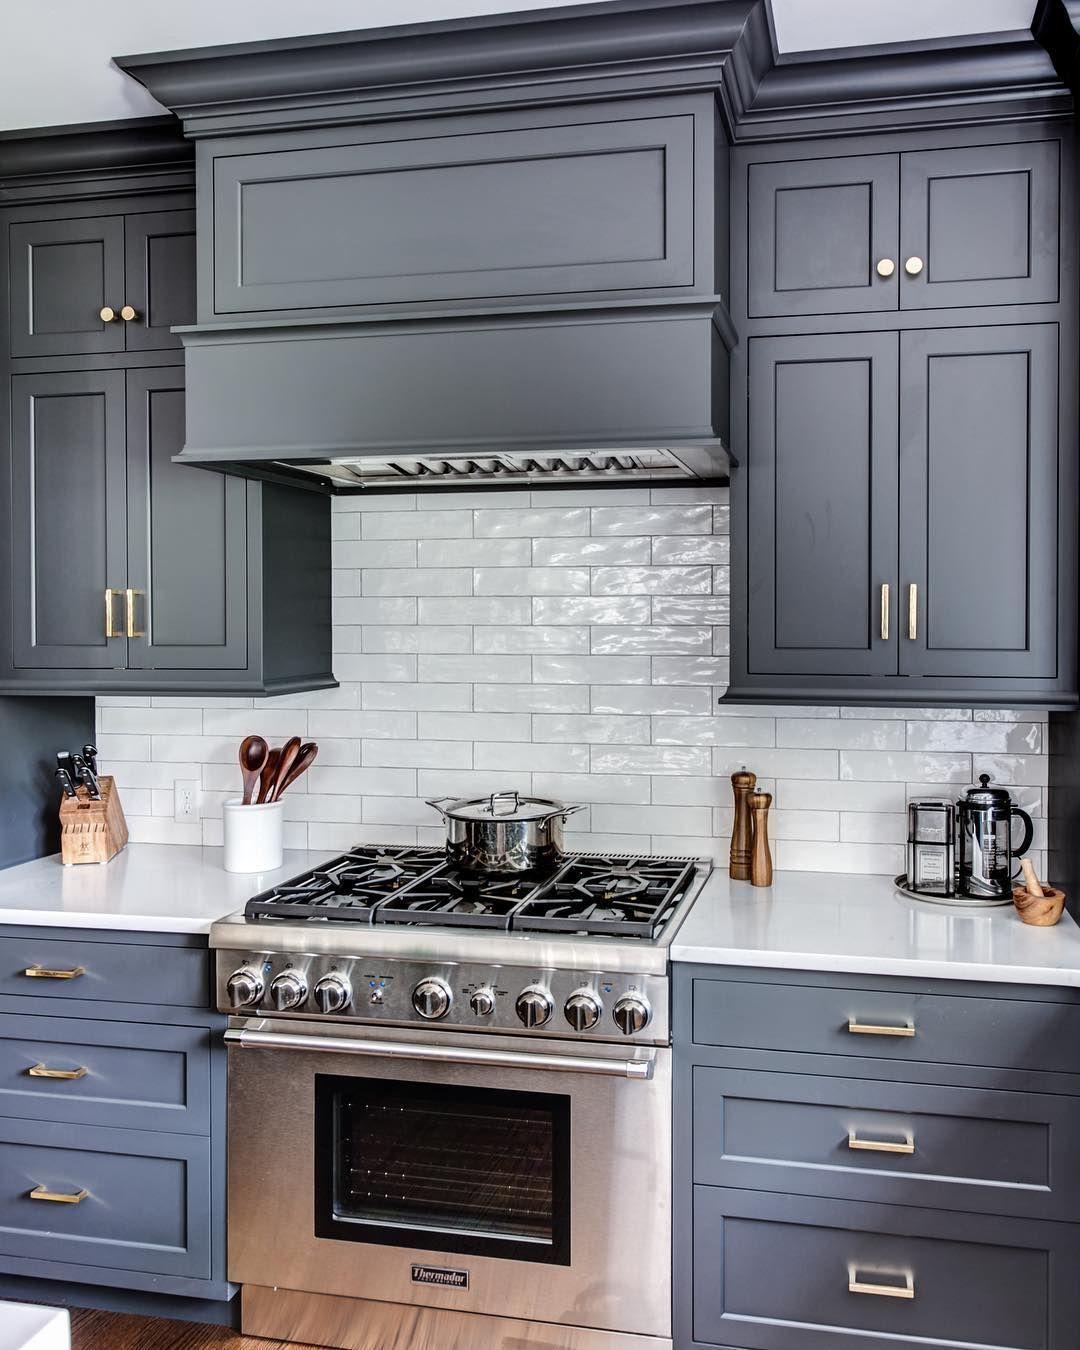 20 Amazing Modern Kitchen Cabinet Design Ideas  Cabinet Design Simple Modern Kitchen Cabinets Design Ideas Inspiration Design